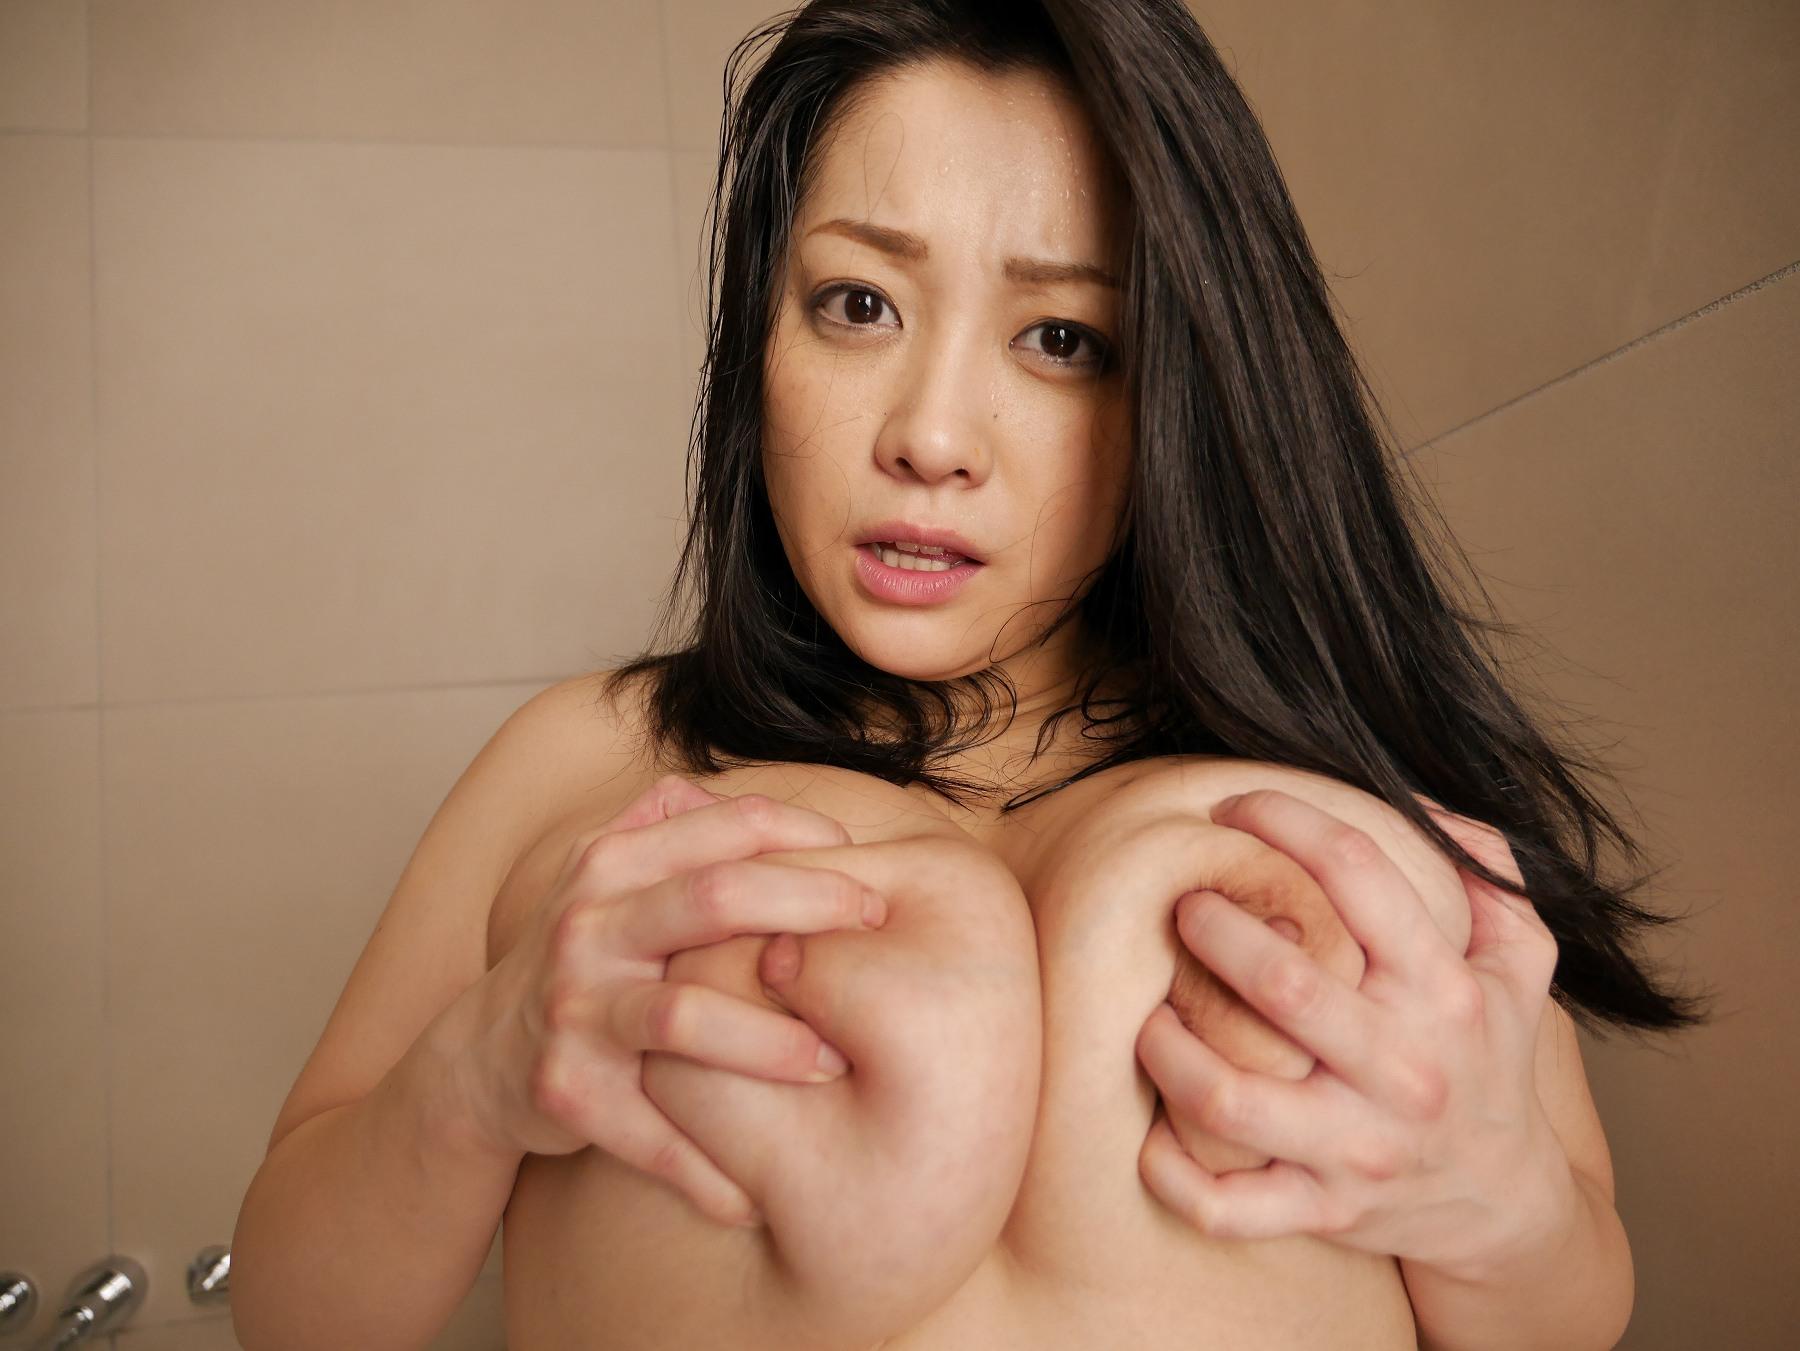 最後のスライムファック 小向美奈子 04